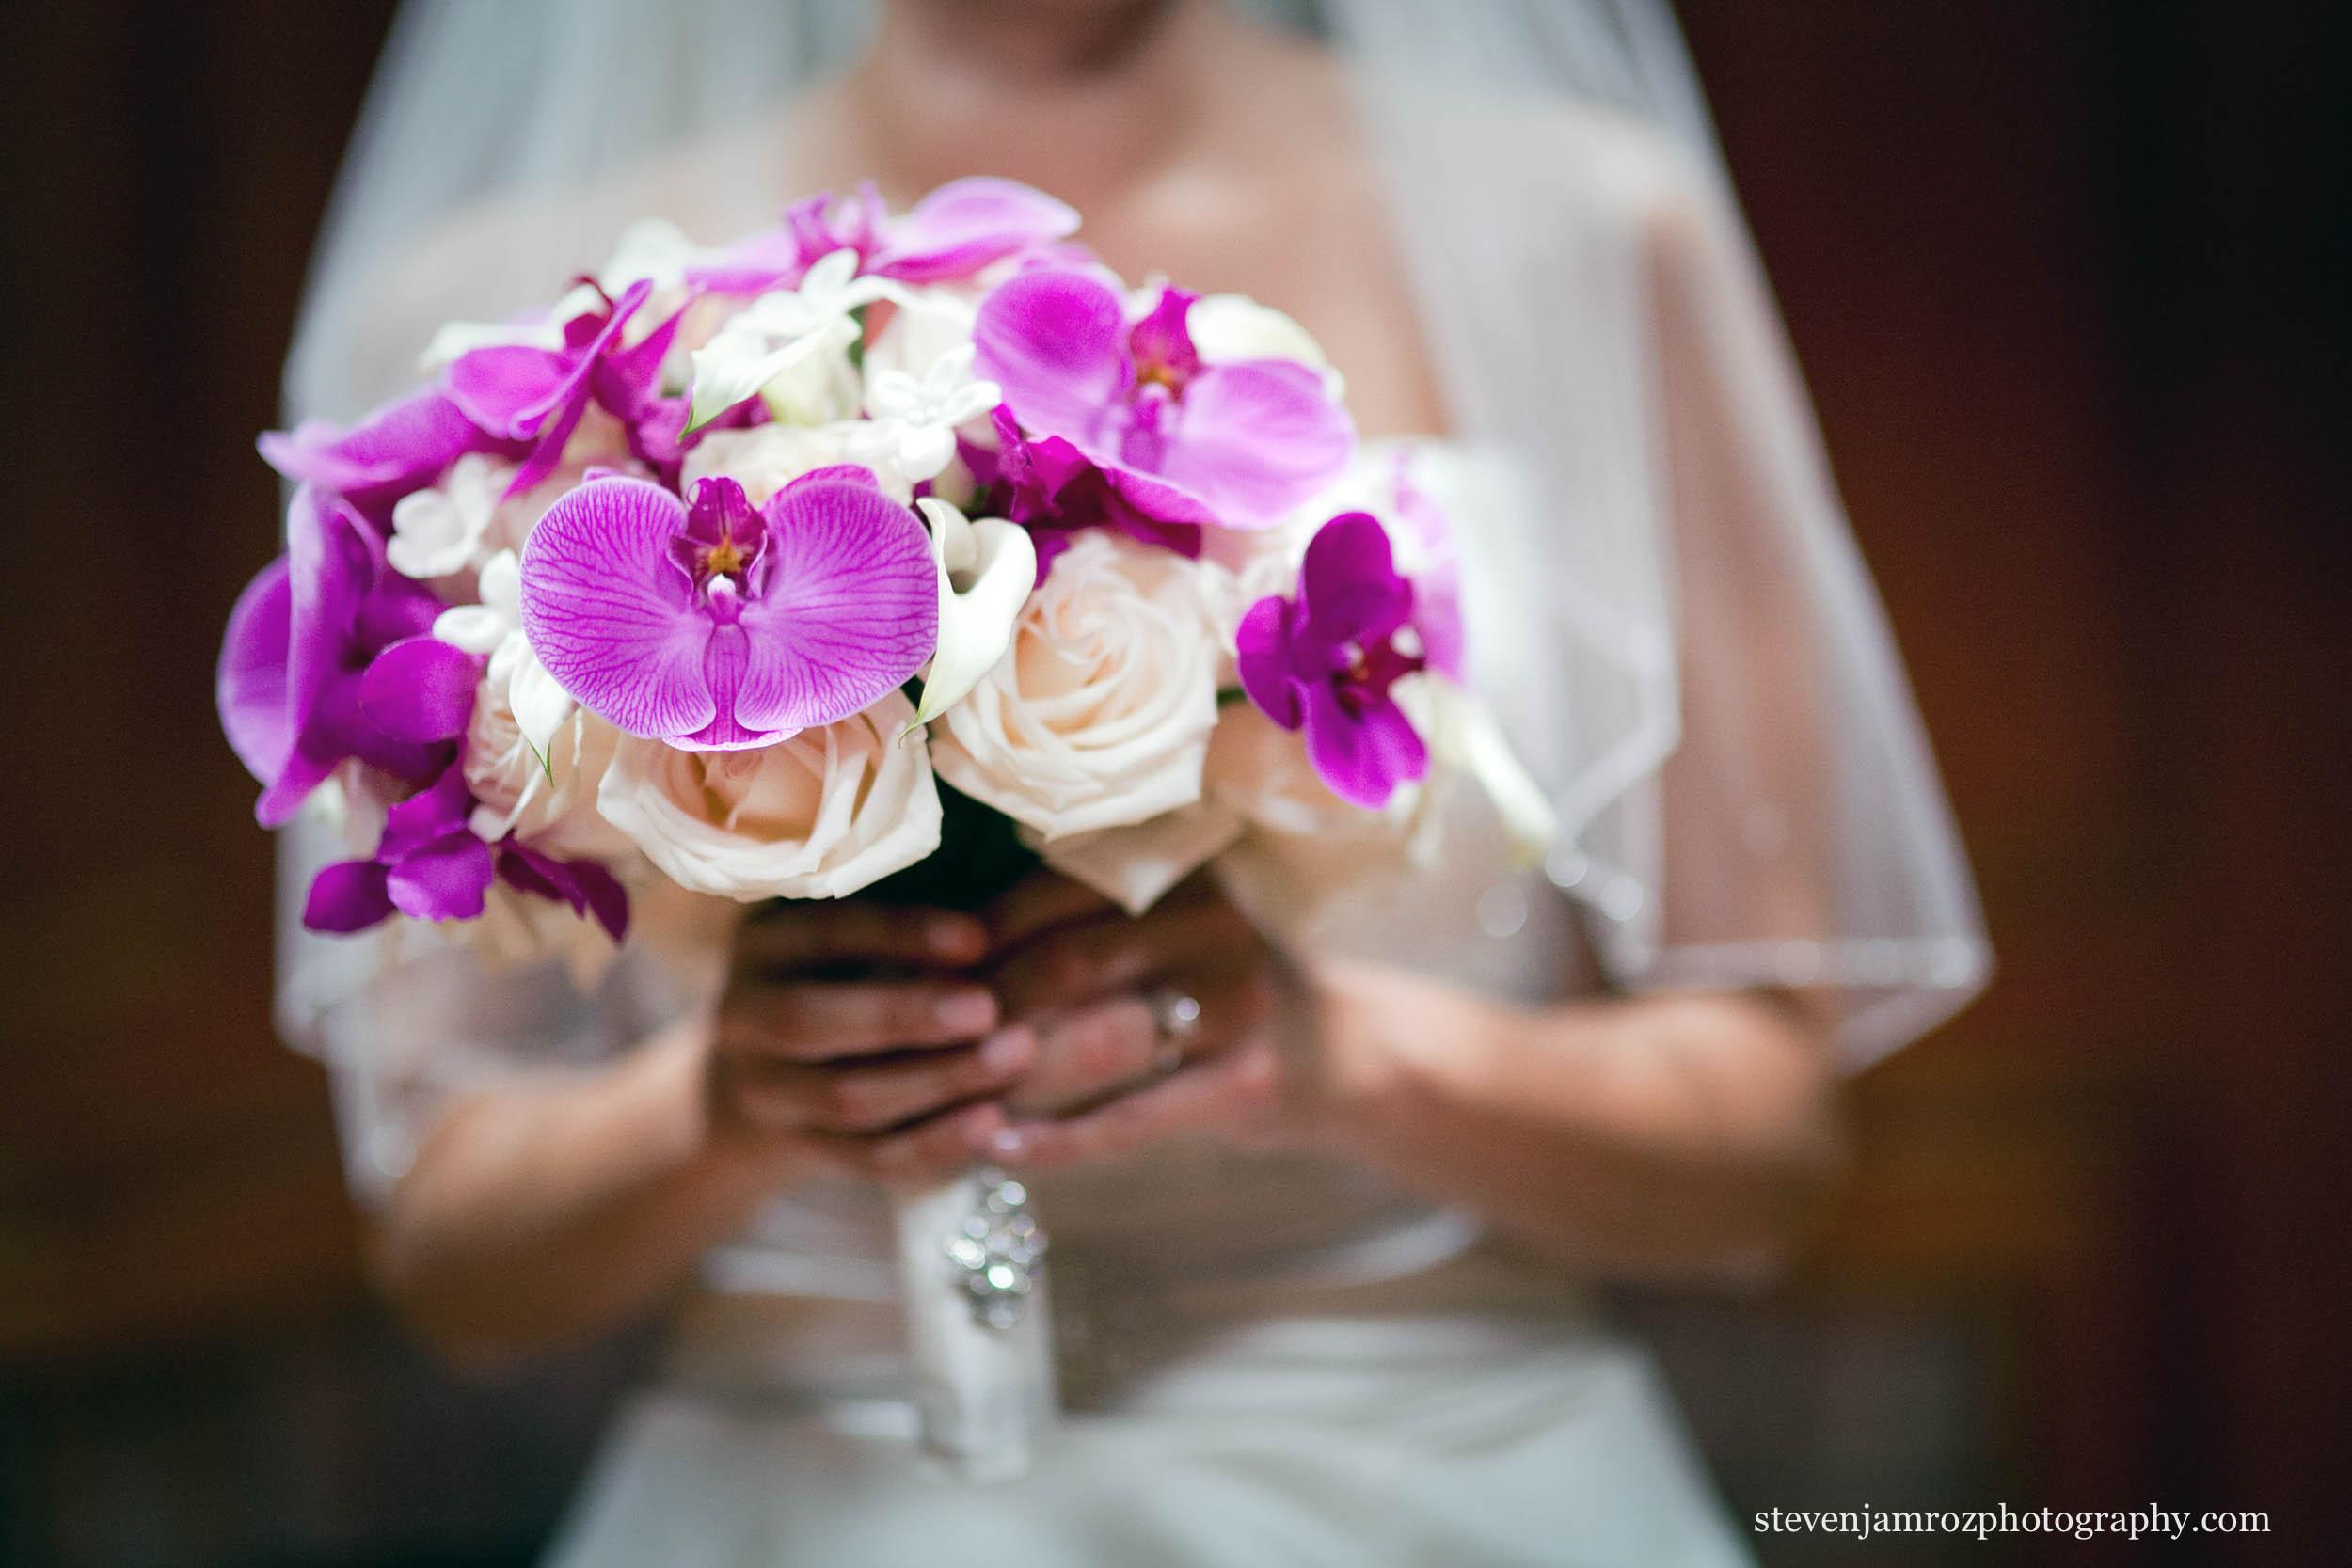 purple-flower-bouquet-chapel-hill-nc-steven-jamroz-photography-0409.jpg